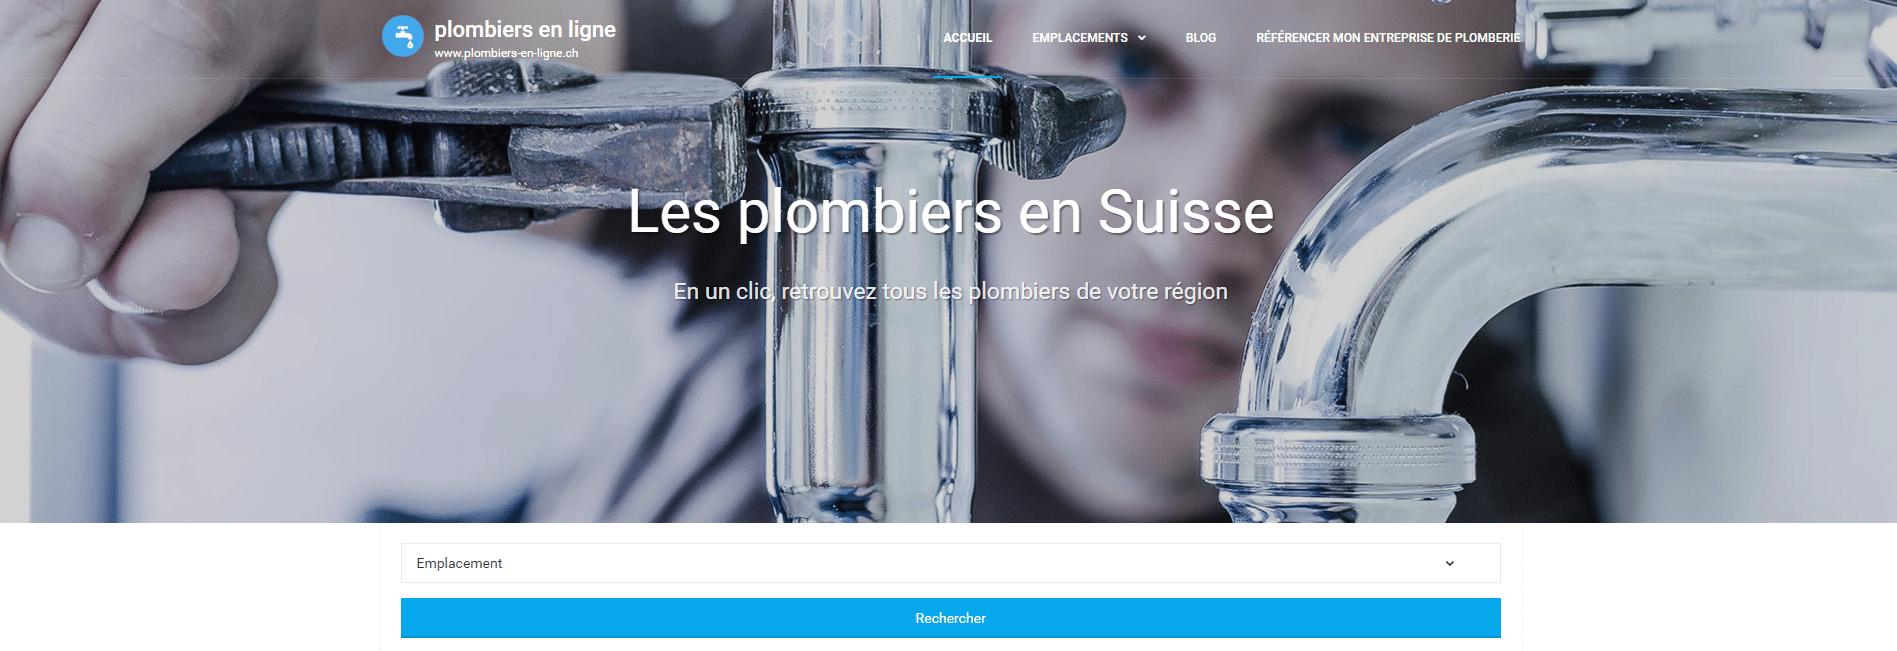 Tous les plombiers à Genève : Plombiers-en-ligne.ch